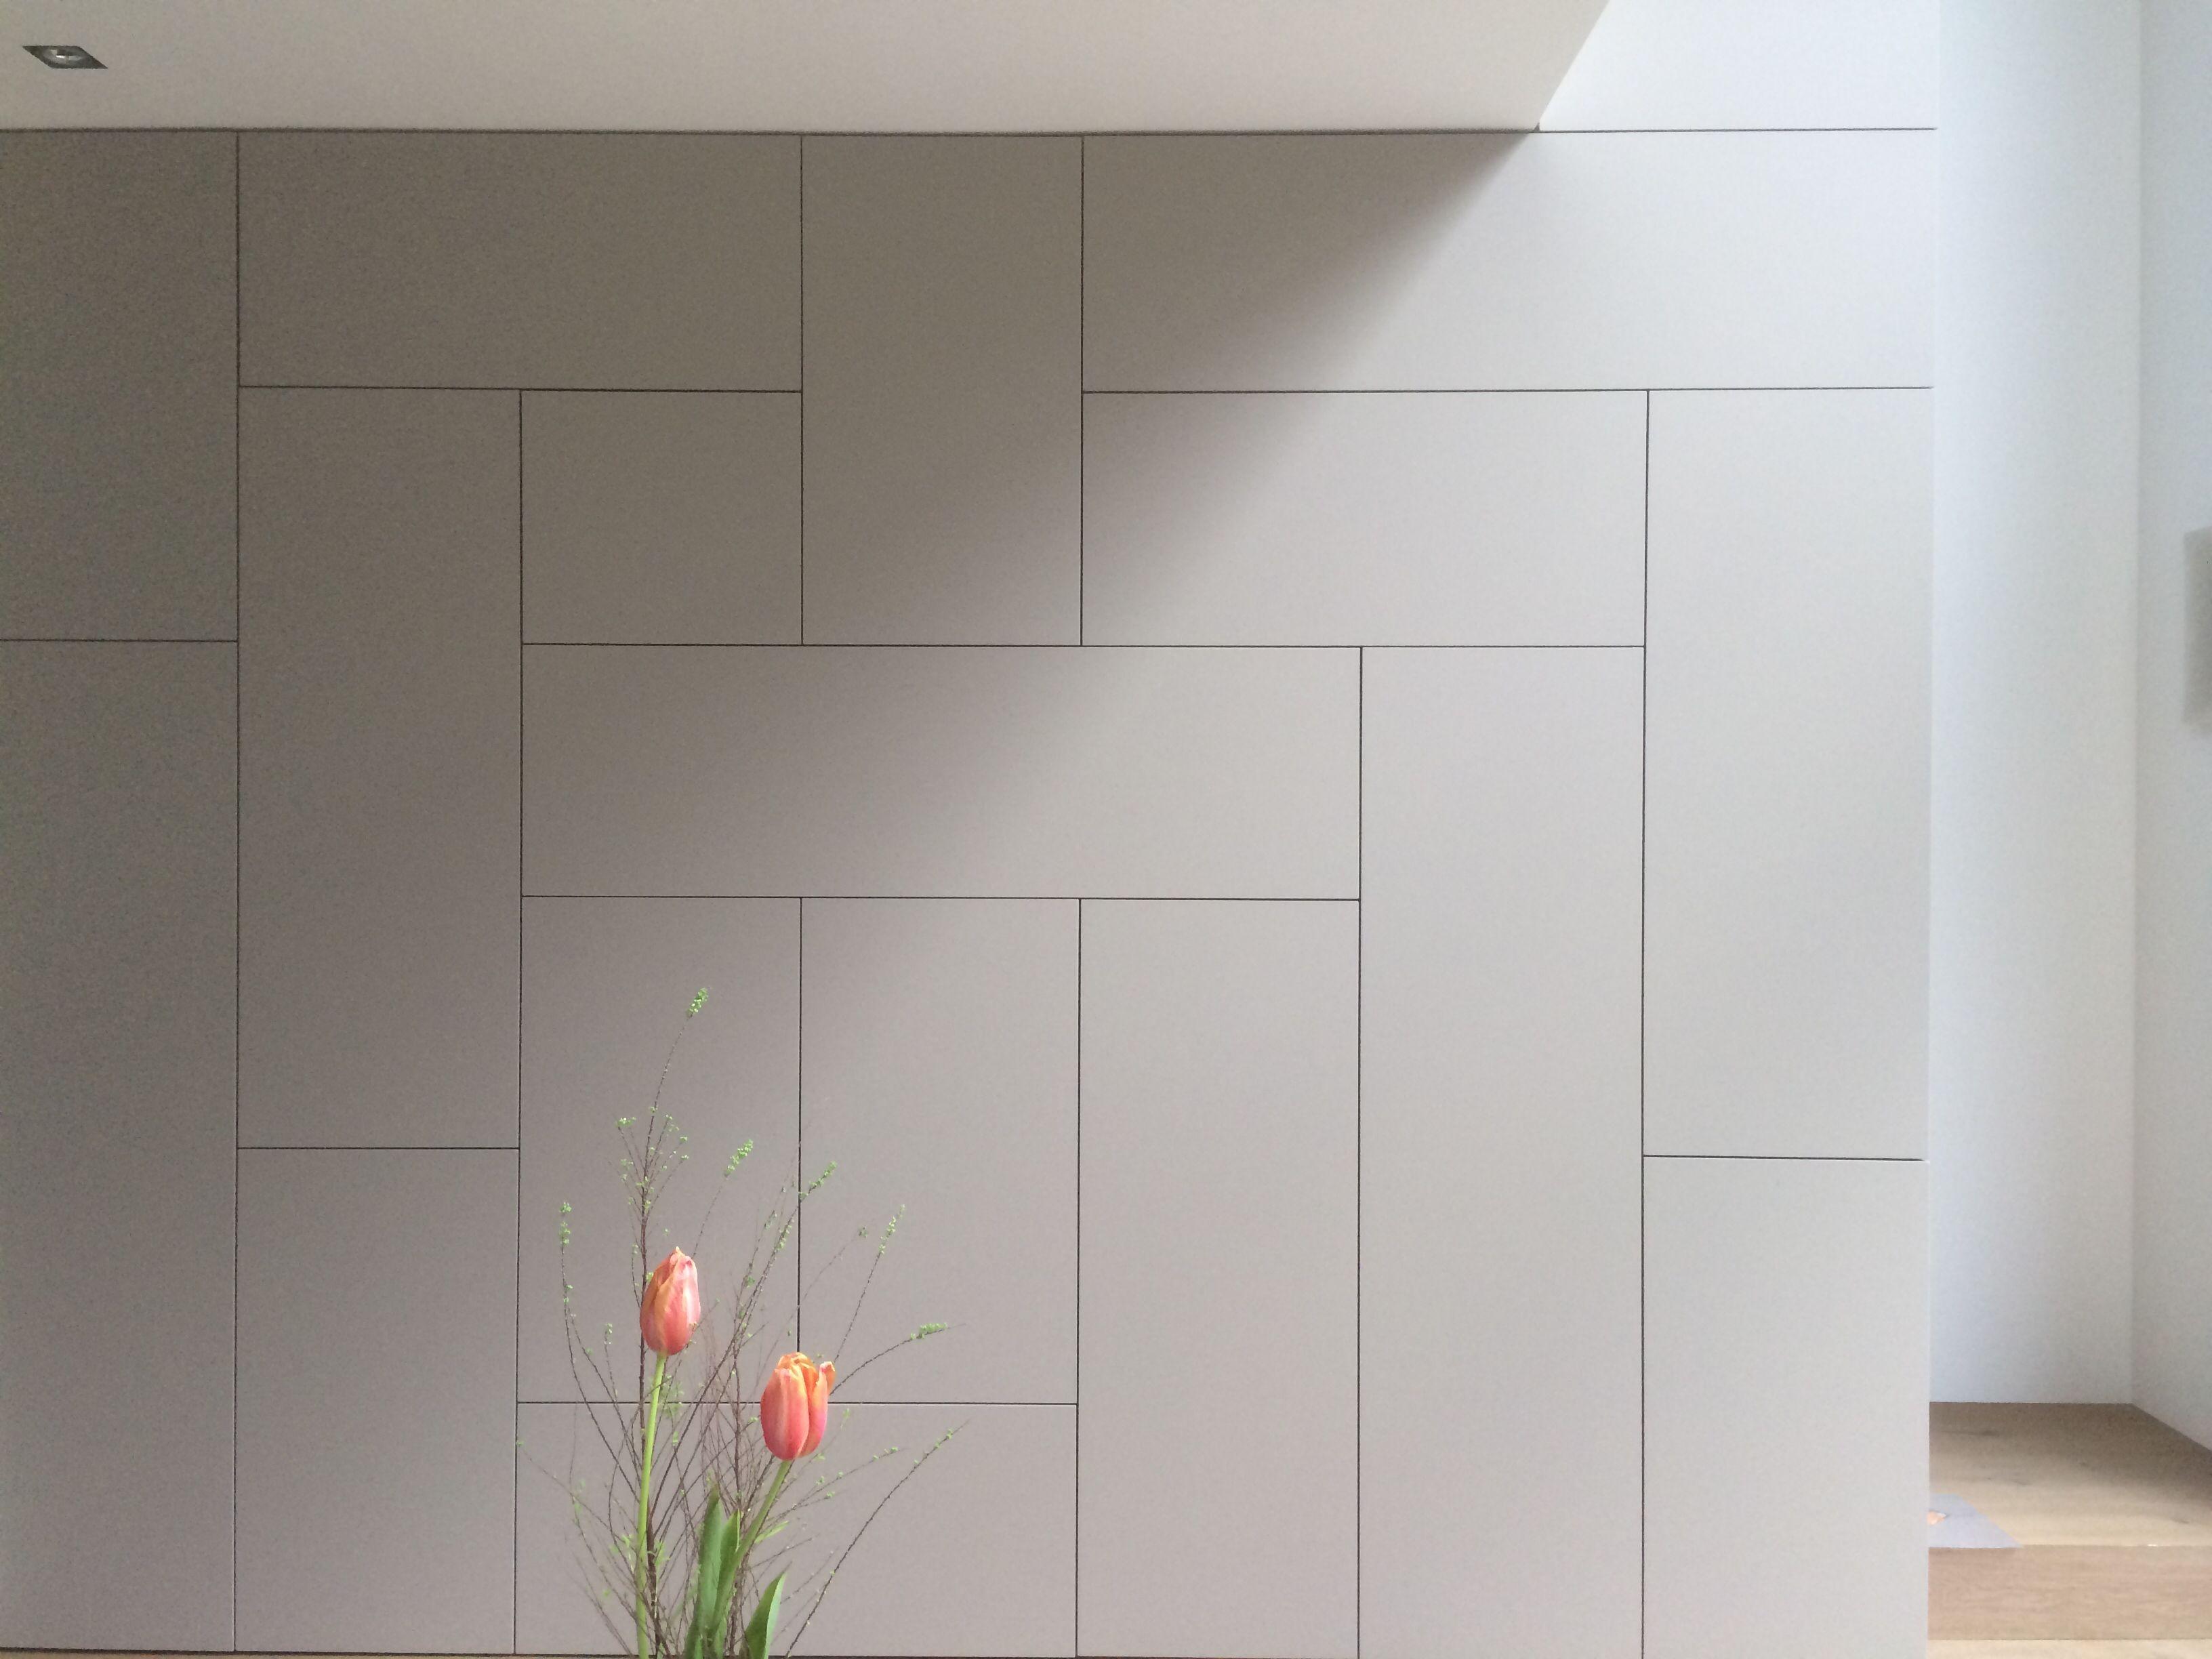 schrankwand die in lowboard als galleriebr stung bergeht treppe hinter der wand und. Black Bedroom Furniture Sets. Home Design Ideas